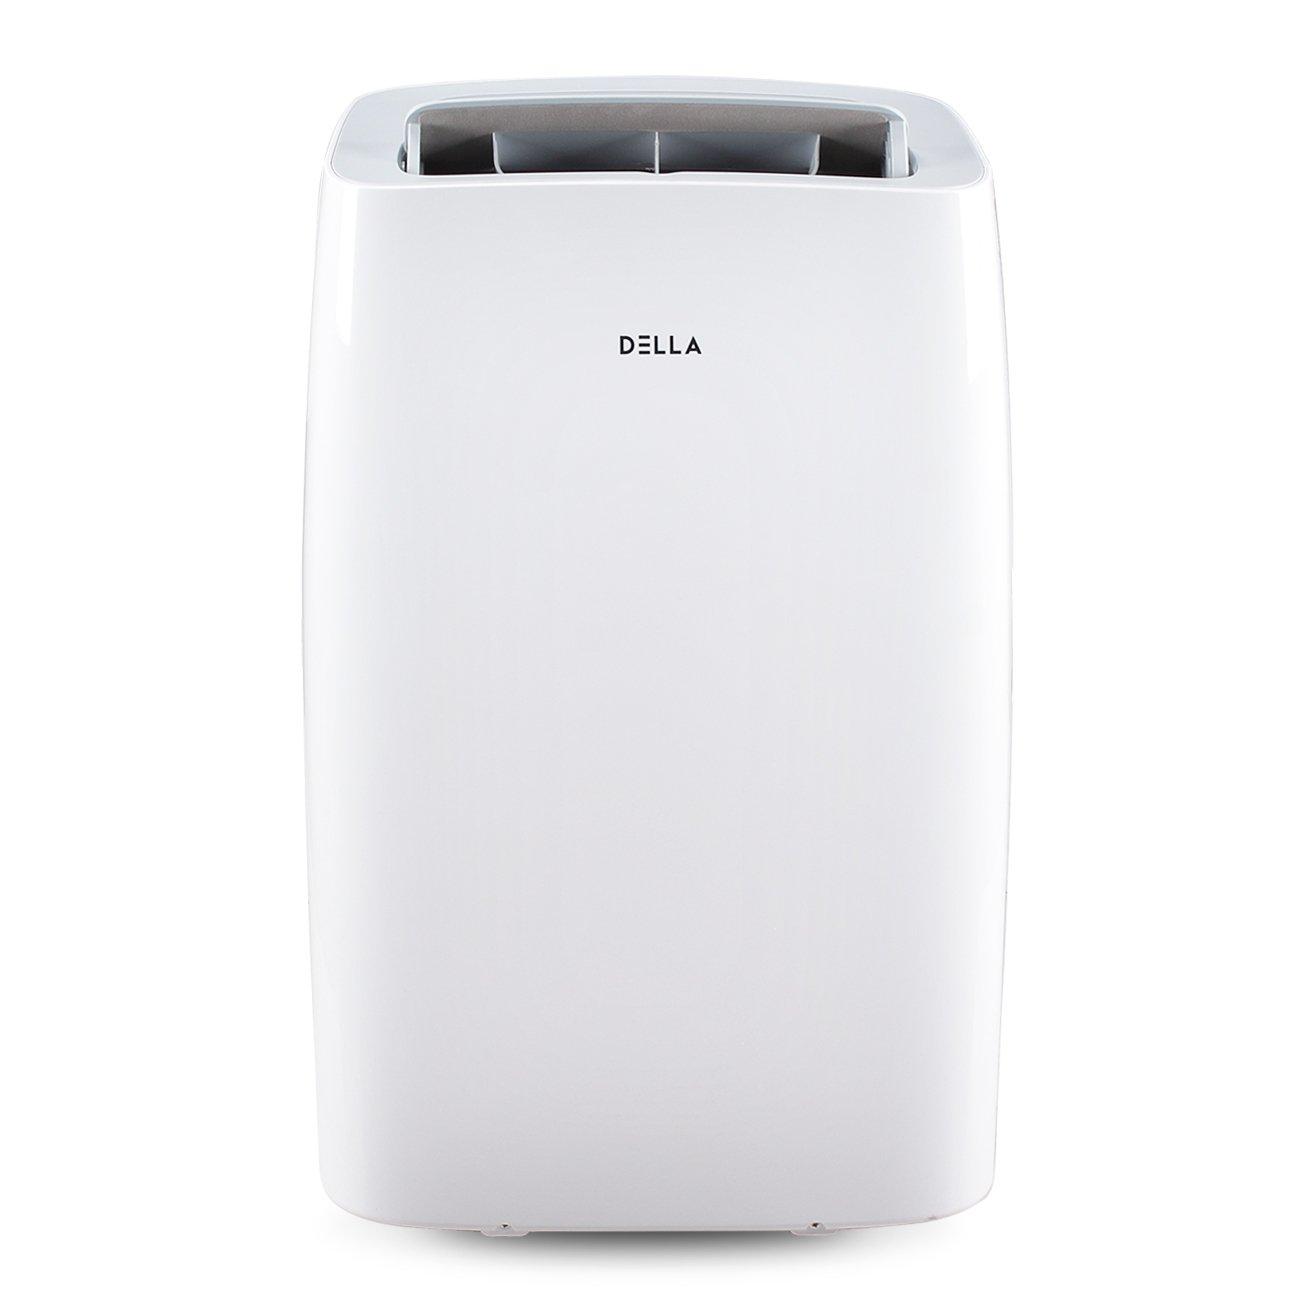 DELLA Portable Conditioner Dehumidifier Evaporation